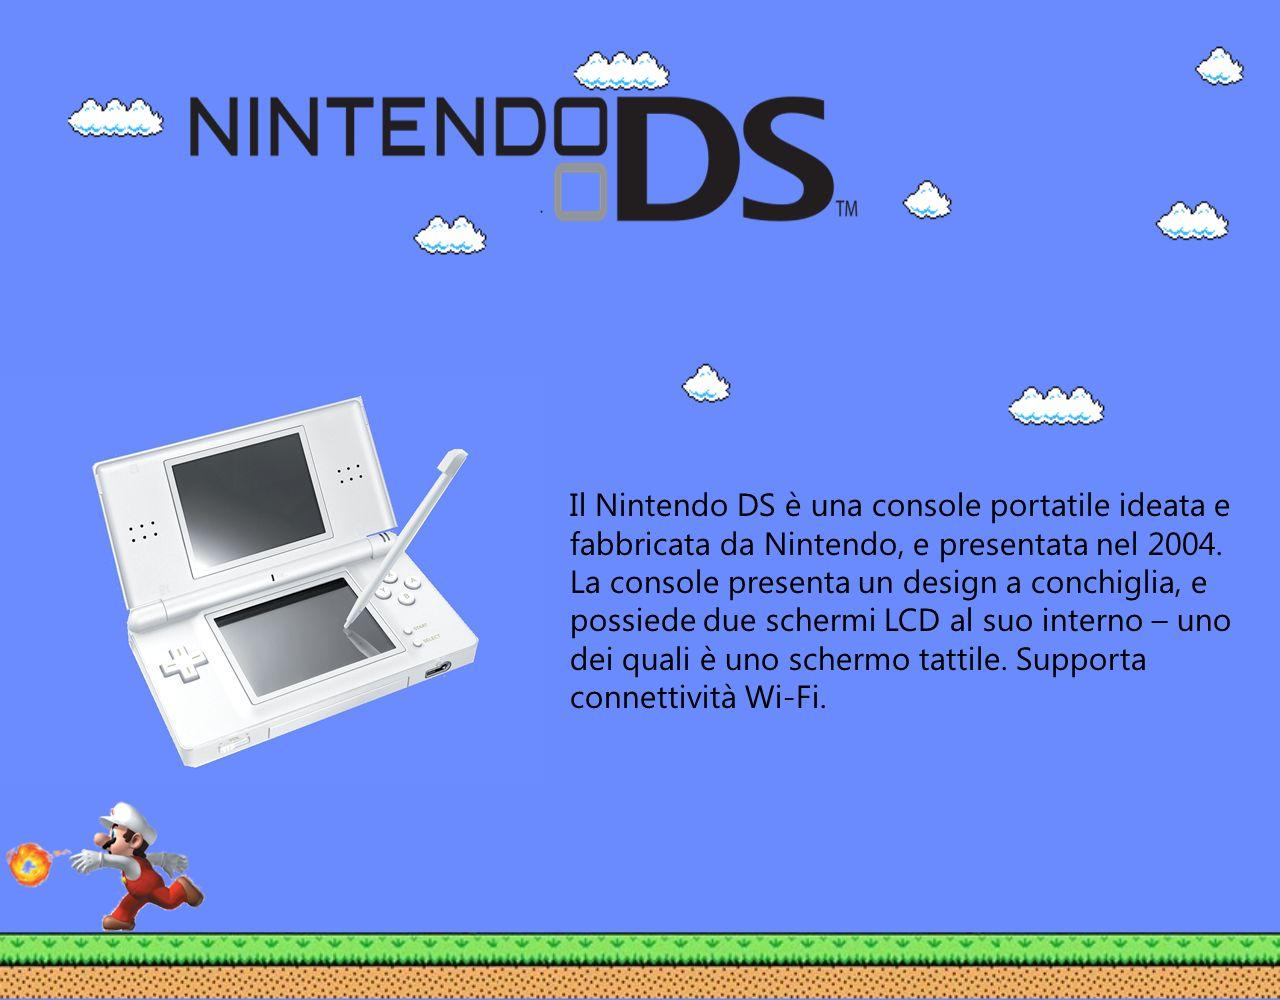 Il Nintendo DS è una console portatile ideata e fabbricata da Nintendo, e presentata nel 2004. La console presenta un design a conchiglia, e possiede